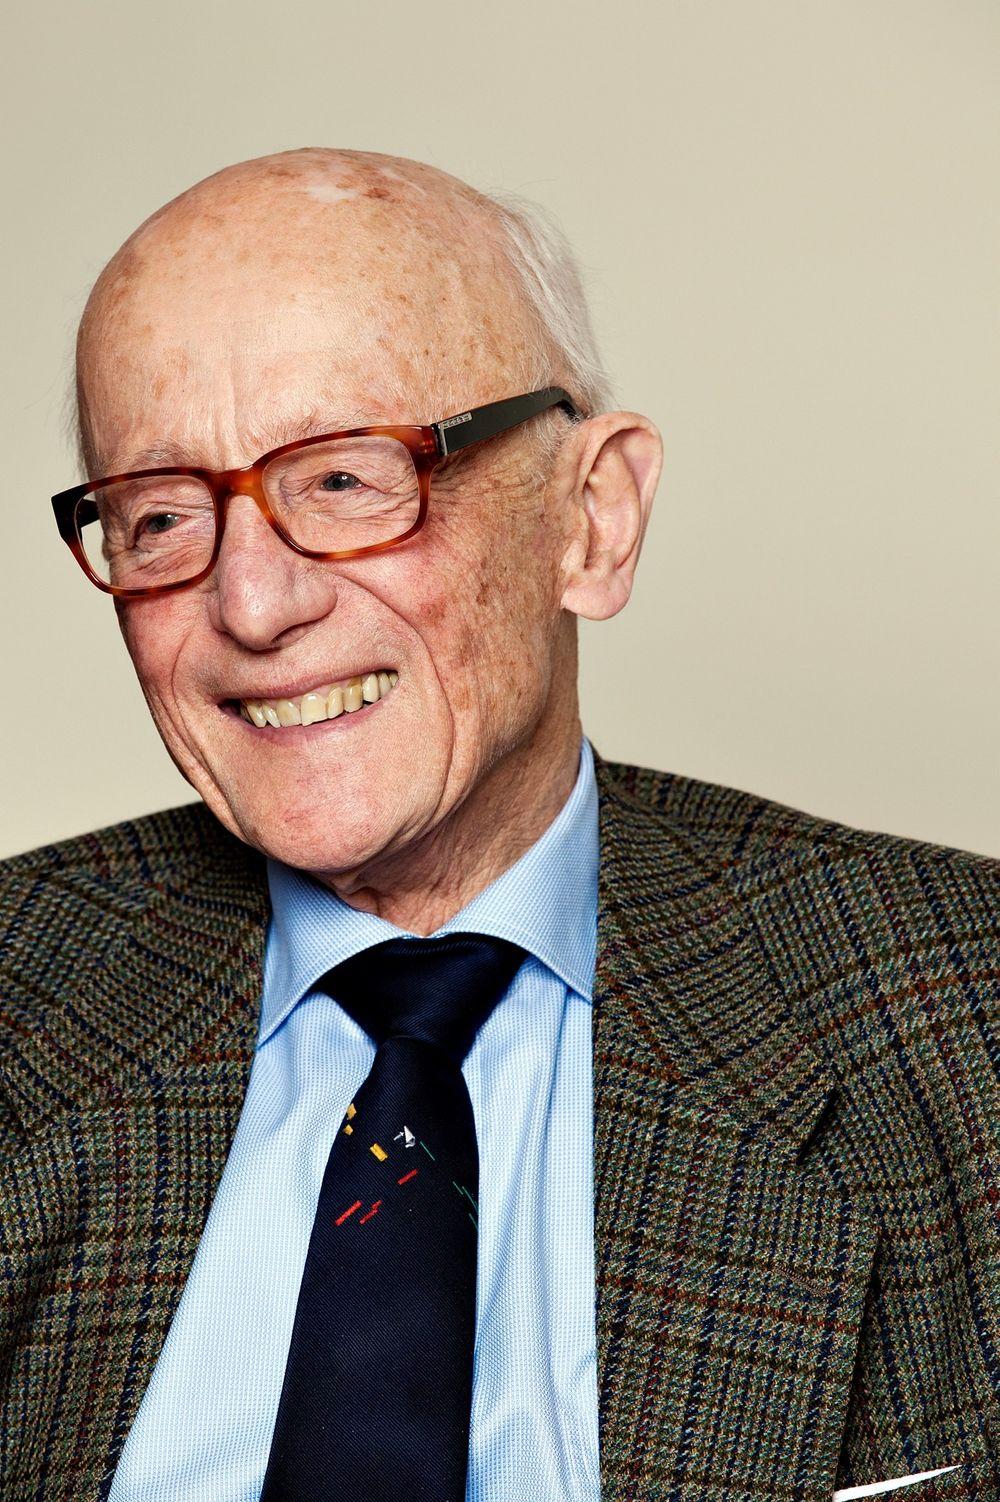 «De gamle  er eldst»:  – Det er hyggelig for oss eldre om de yngre ikke forkaster det gamle norske ordspråket som Ivar Aasen fant frem, sier den tidligere statsministeren.